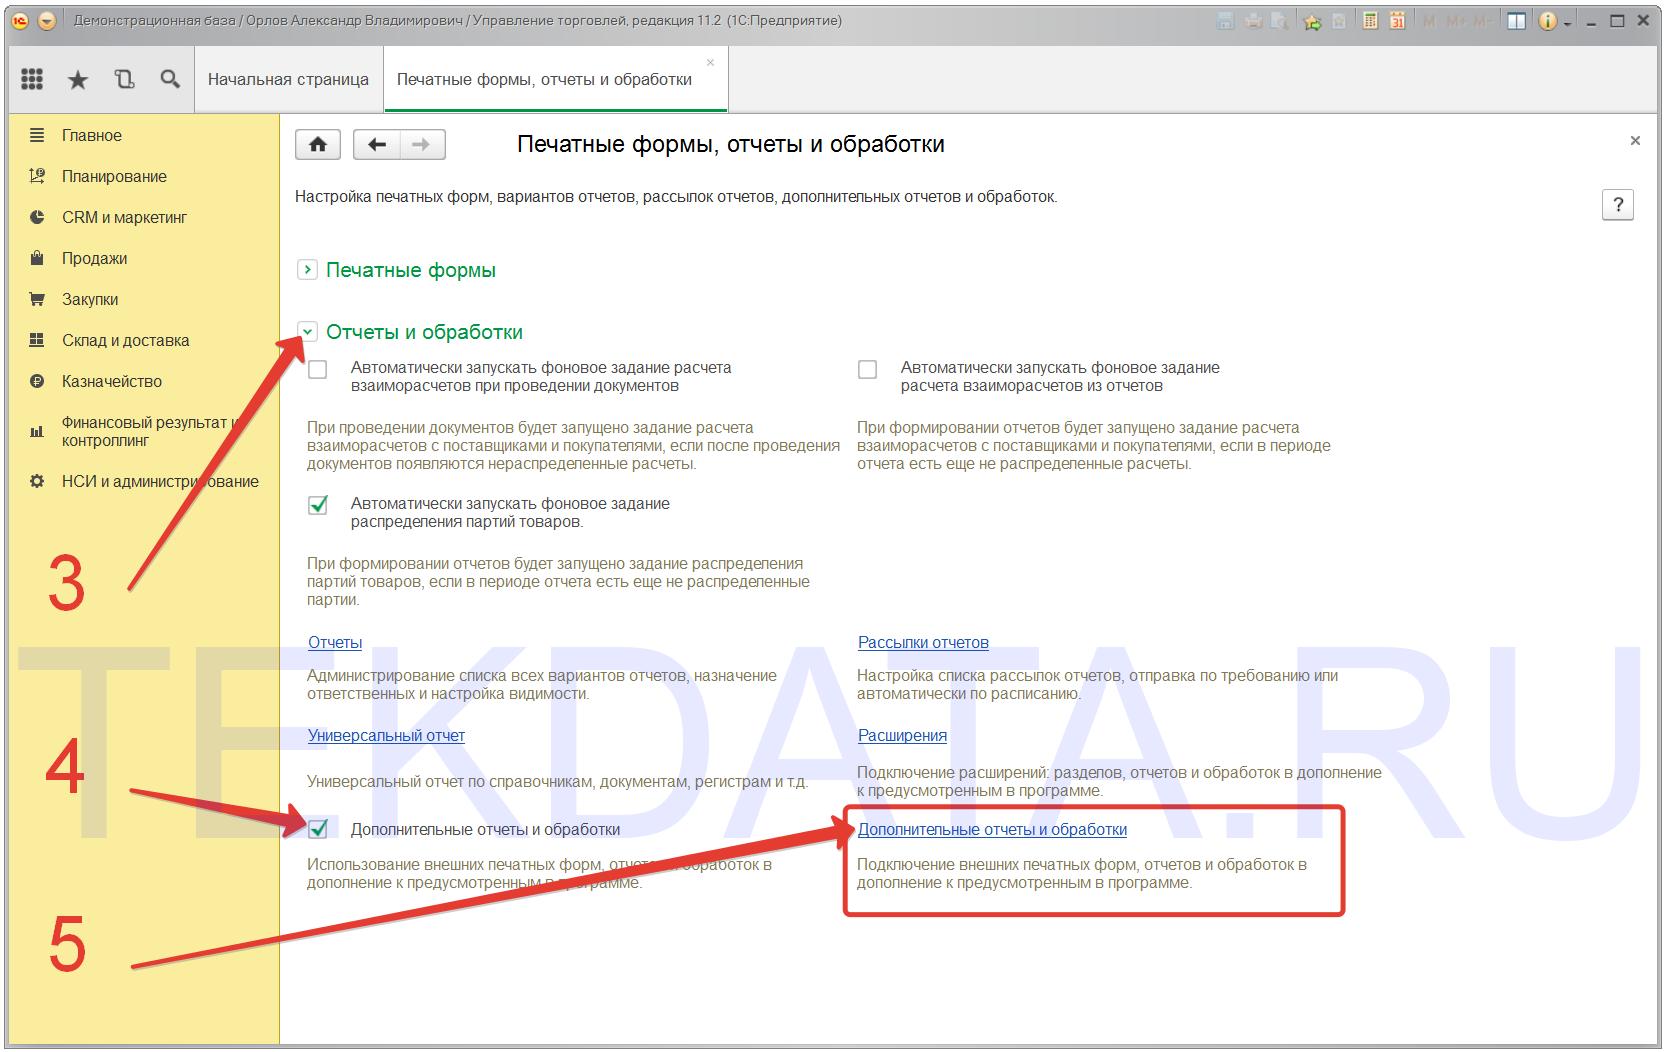 Подключение внешней печатной формы 1С 8.3 (Действия 3-4-5) | tekdata.ru